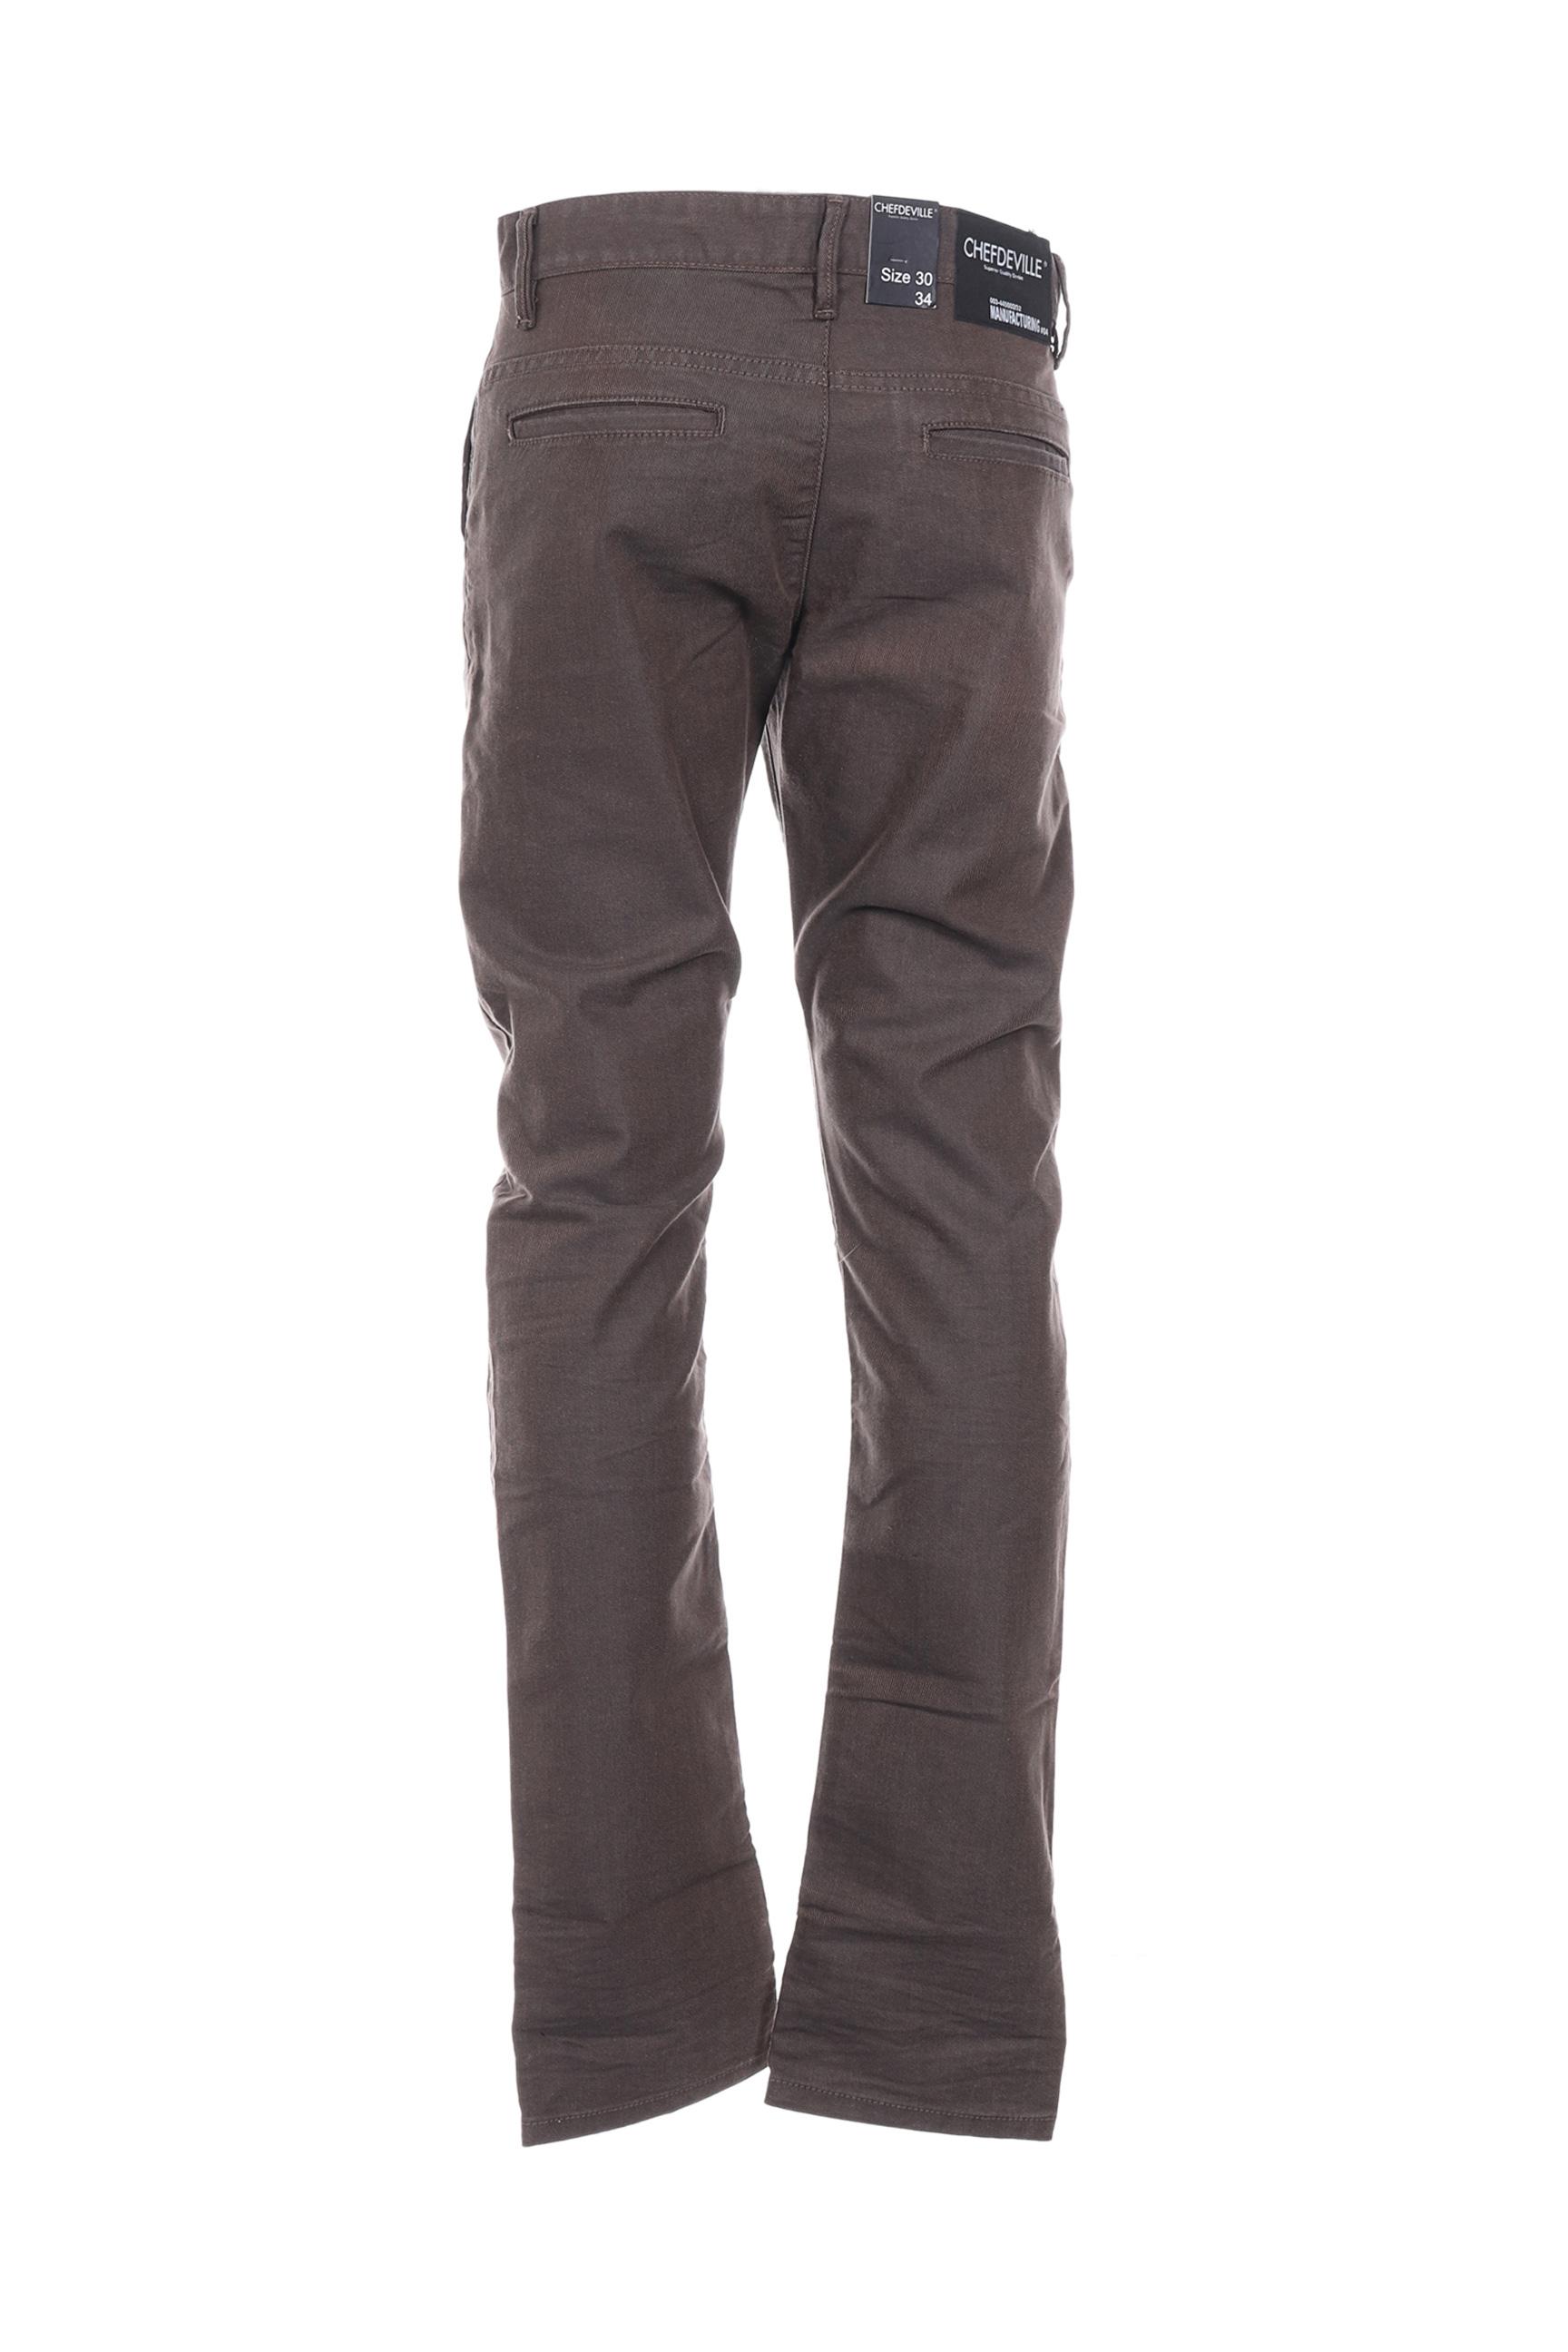 Chefdeville Pantalons Decontractes Homme De Couleur Marron En Soldes Pas Cher 1369212-marron